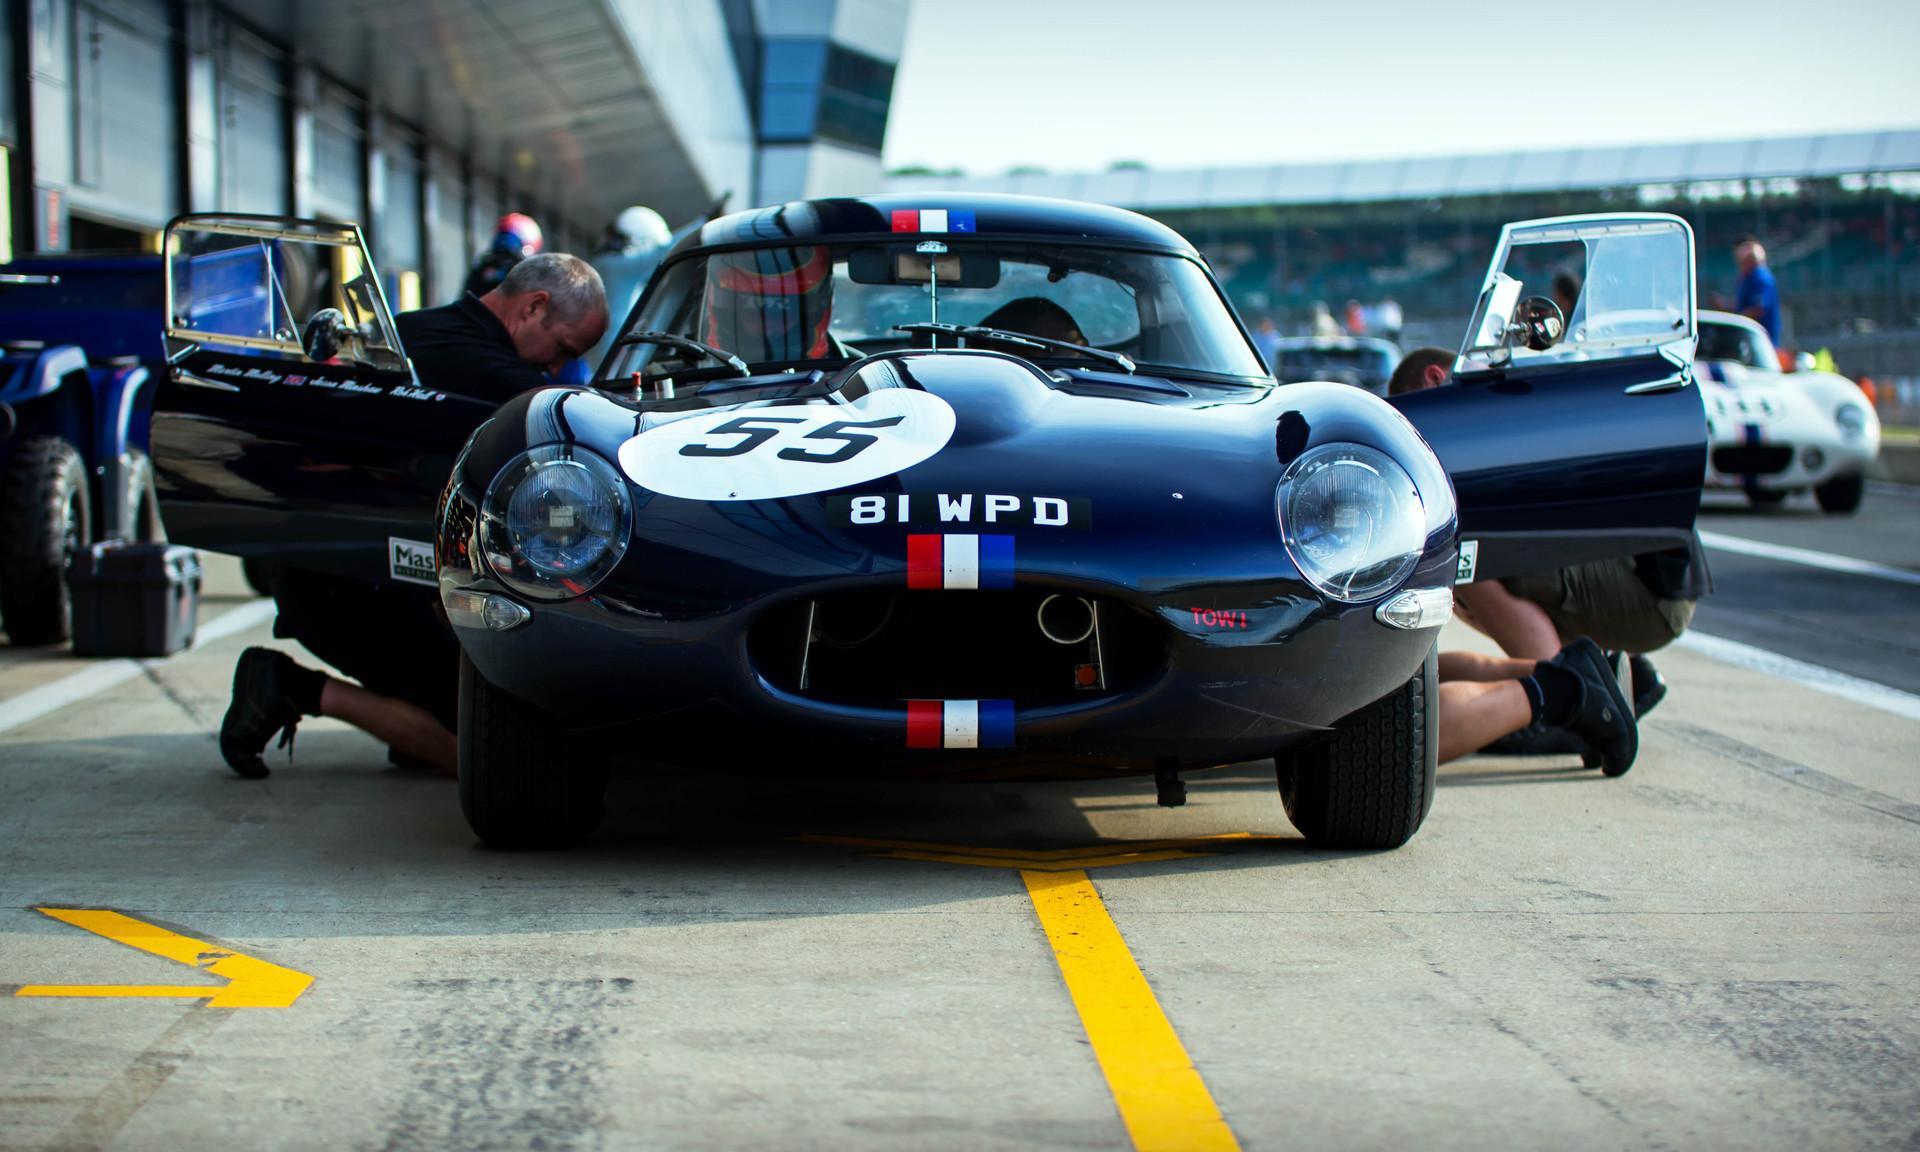 Martin Melling & Jason Minshaw's 1961 Jaguar E-type